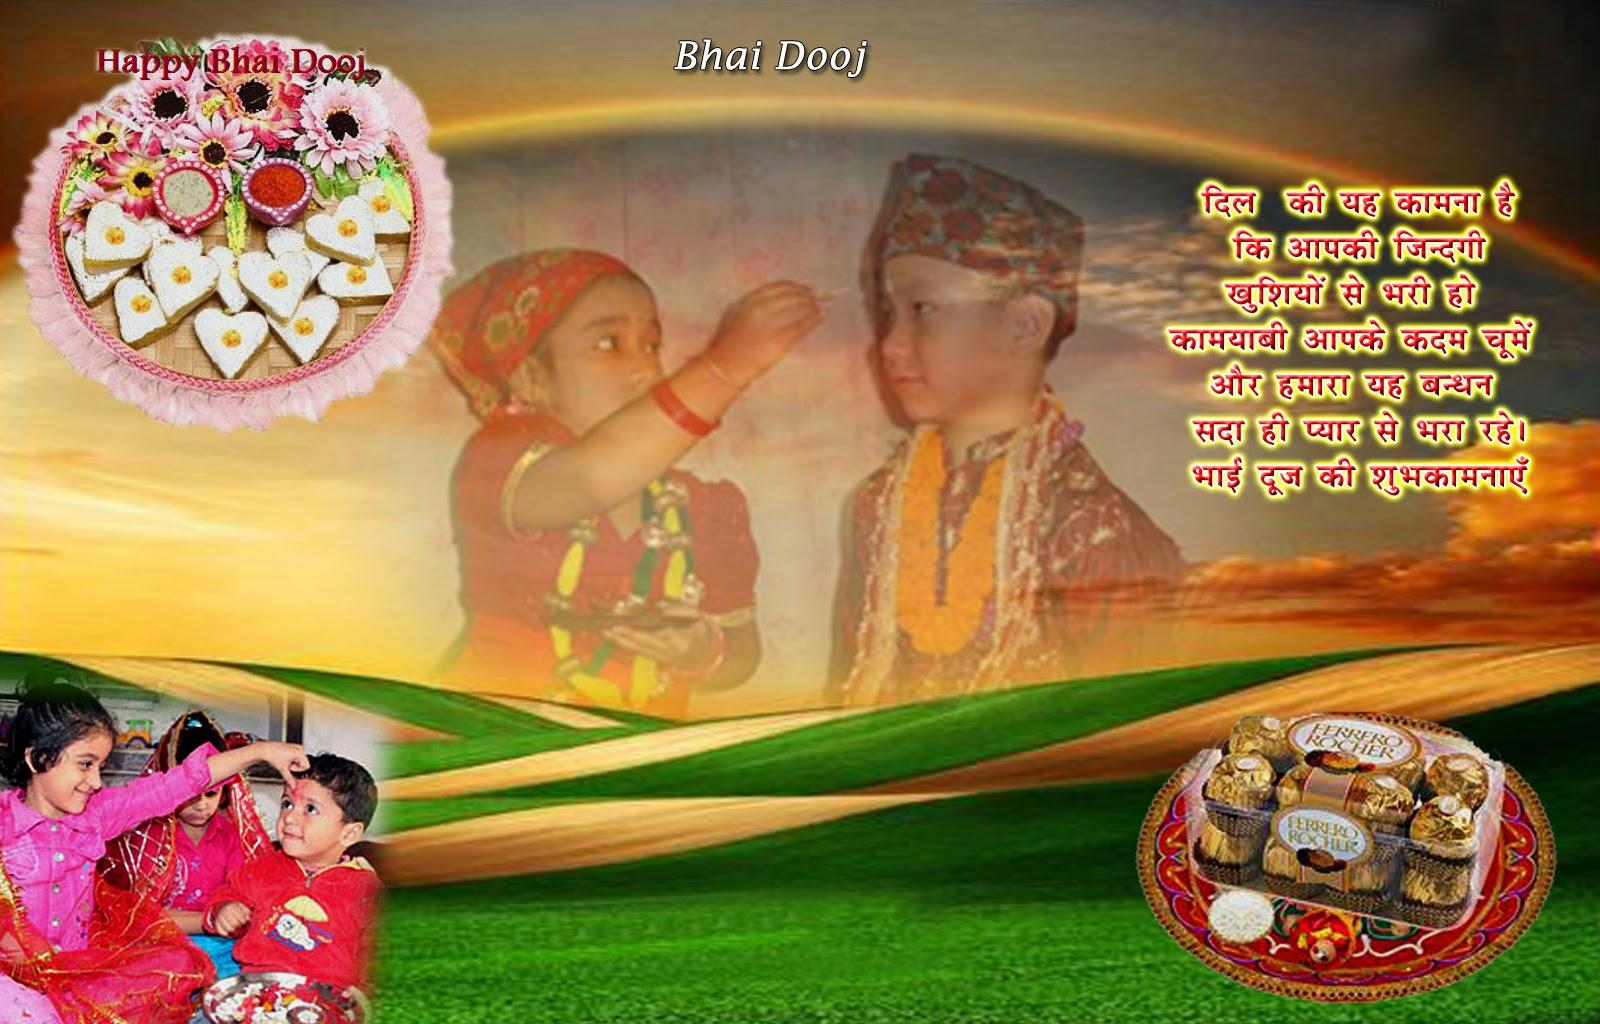 Brother Sister Love on Bhai Dooj